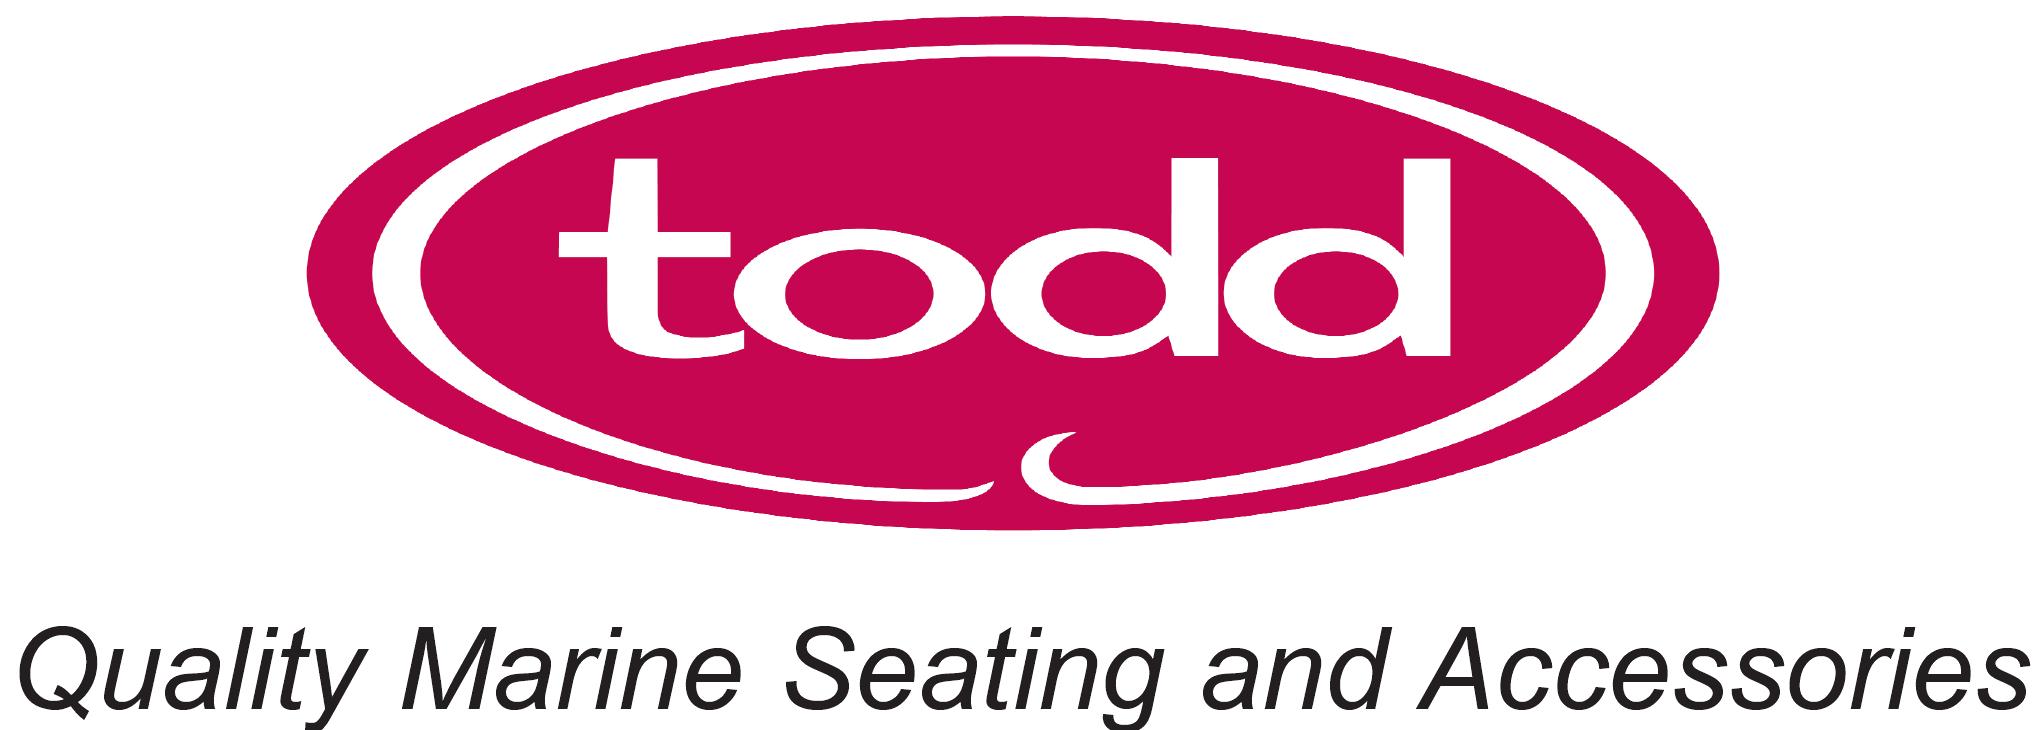 Todd båtstoler